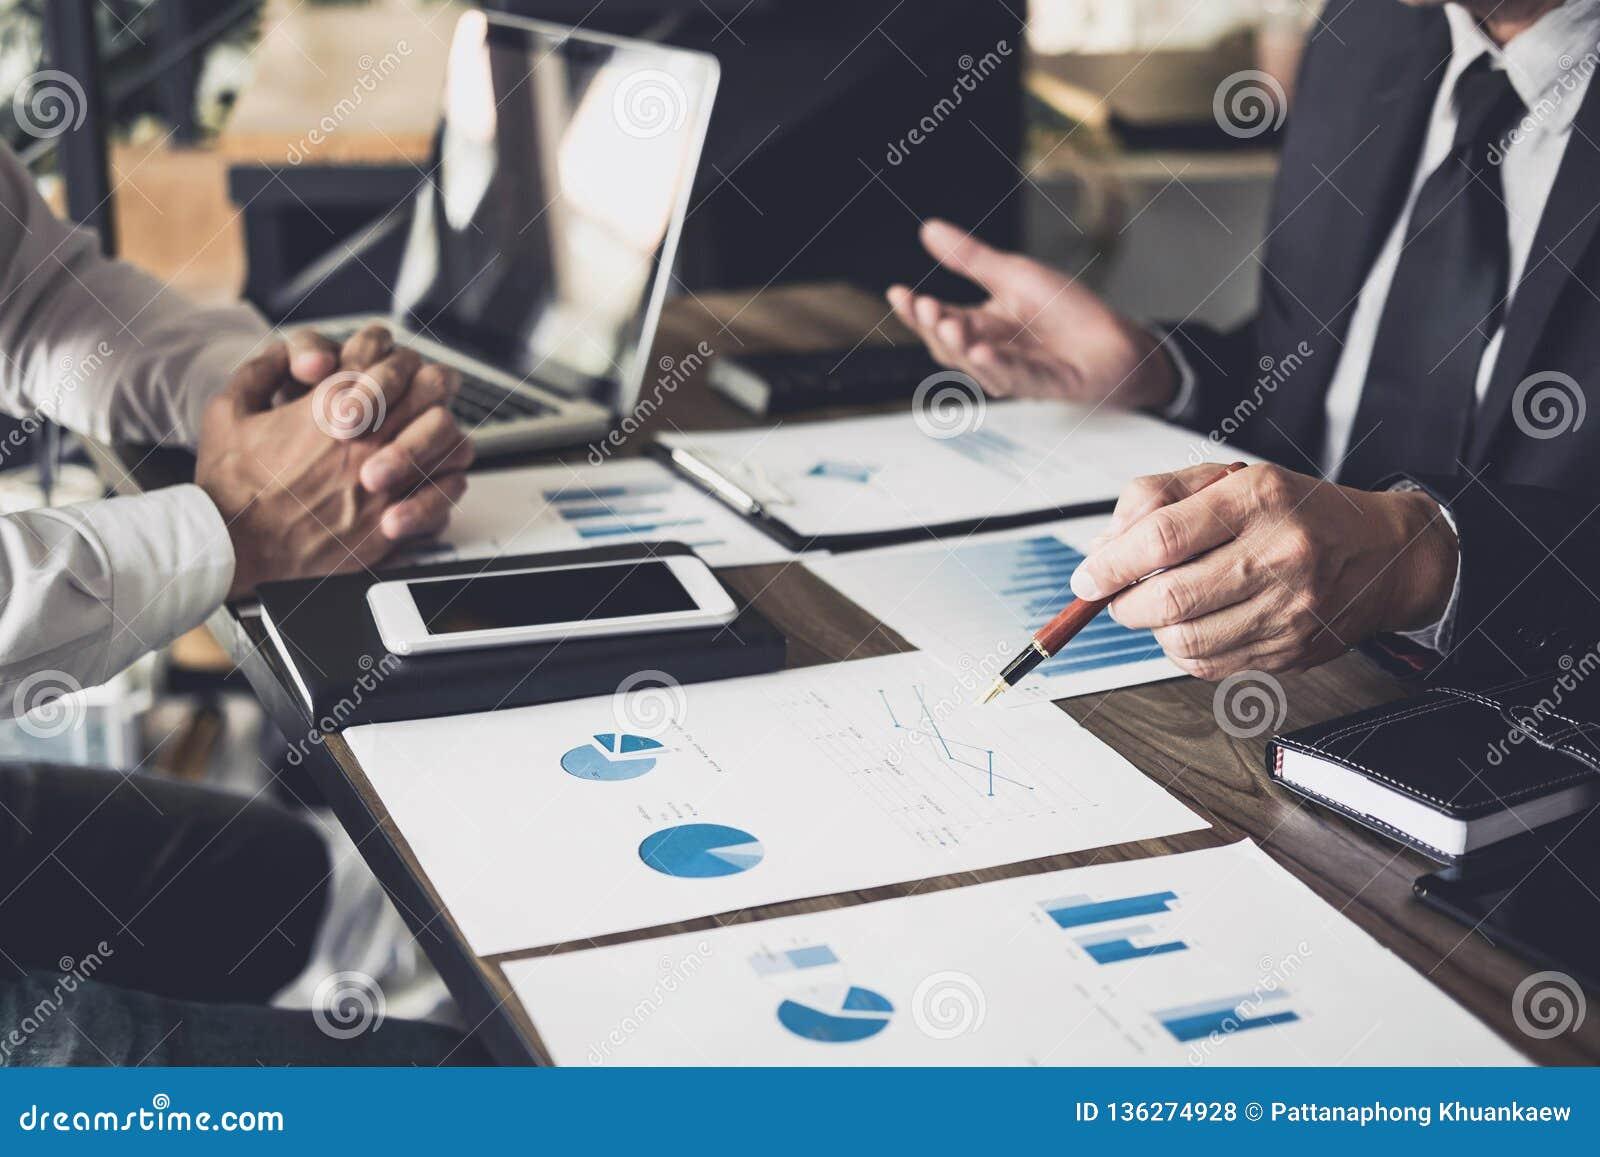 Συνδιάσκεψη εργασίας κοβαλτίου, συνανμένος παρόν επιχειρησιακών ομάδων, συνάδελφοι επενδυτών που συζητά τα νέα στοιχεία γραφικών